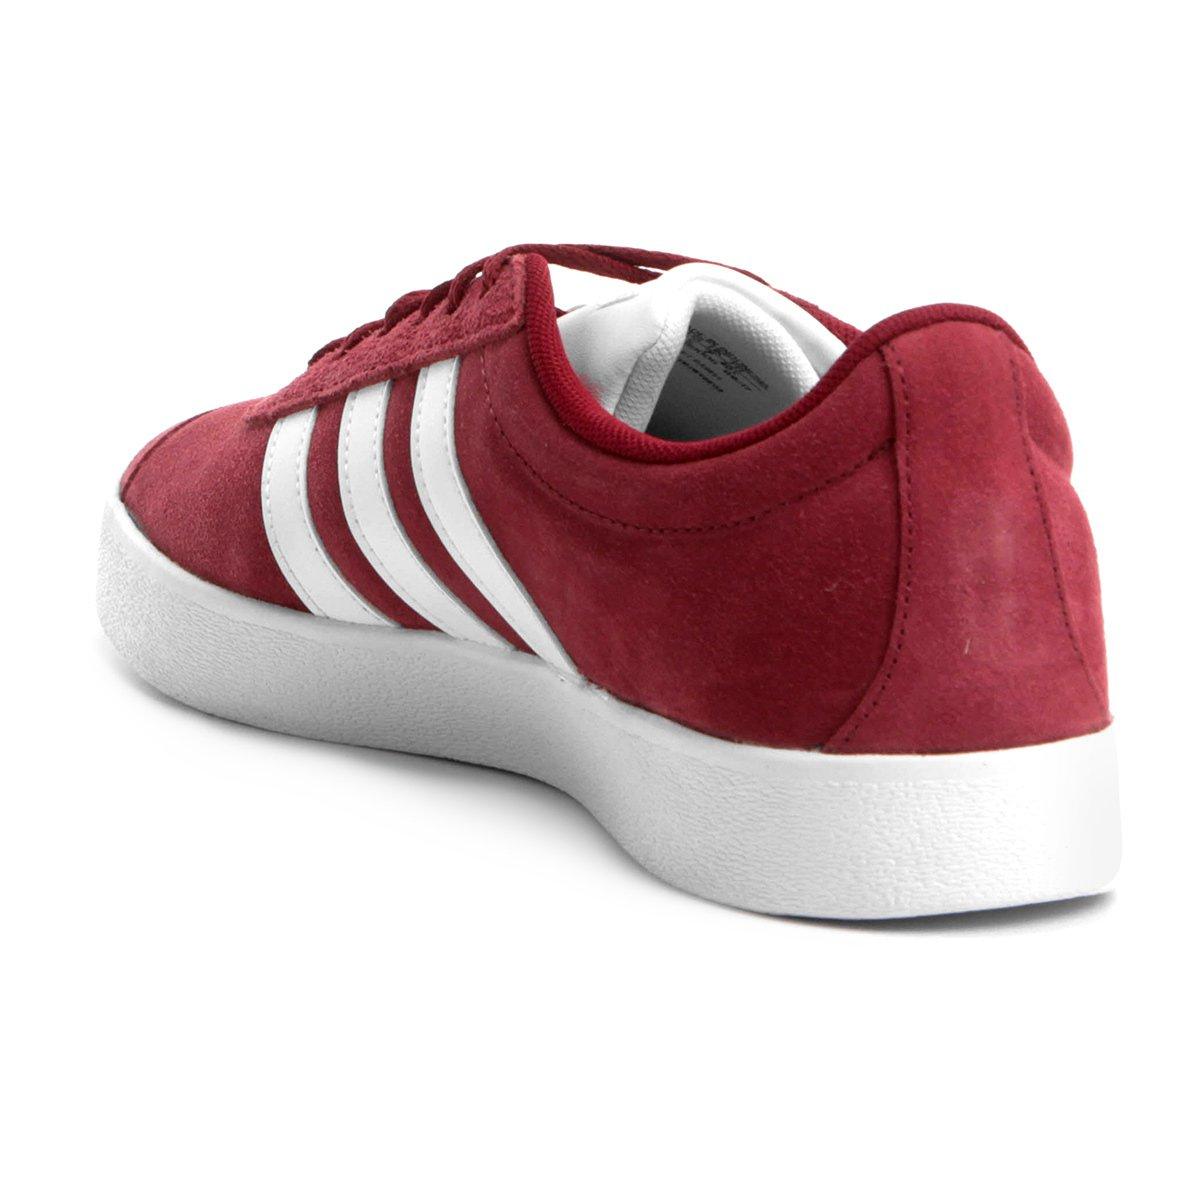 e Tênis 2 Branco Court Vermelho Masculino Tênis Adidas Adidas Vl gFqHR